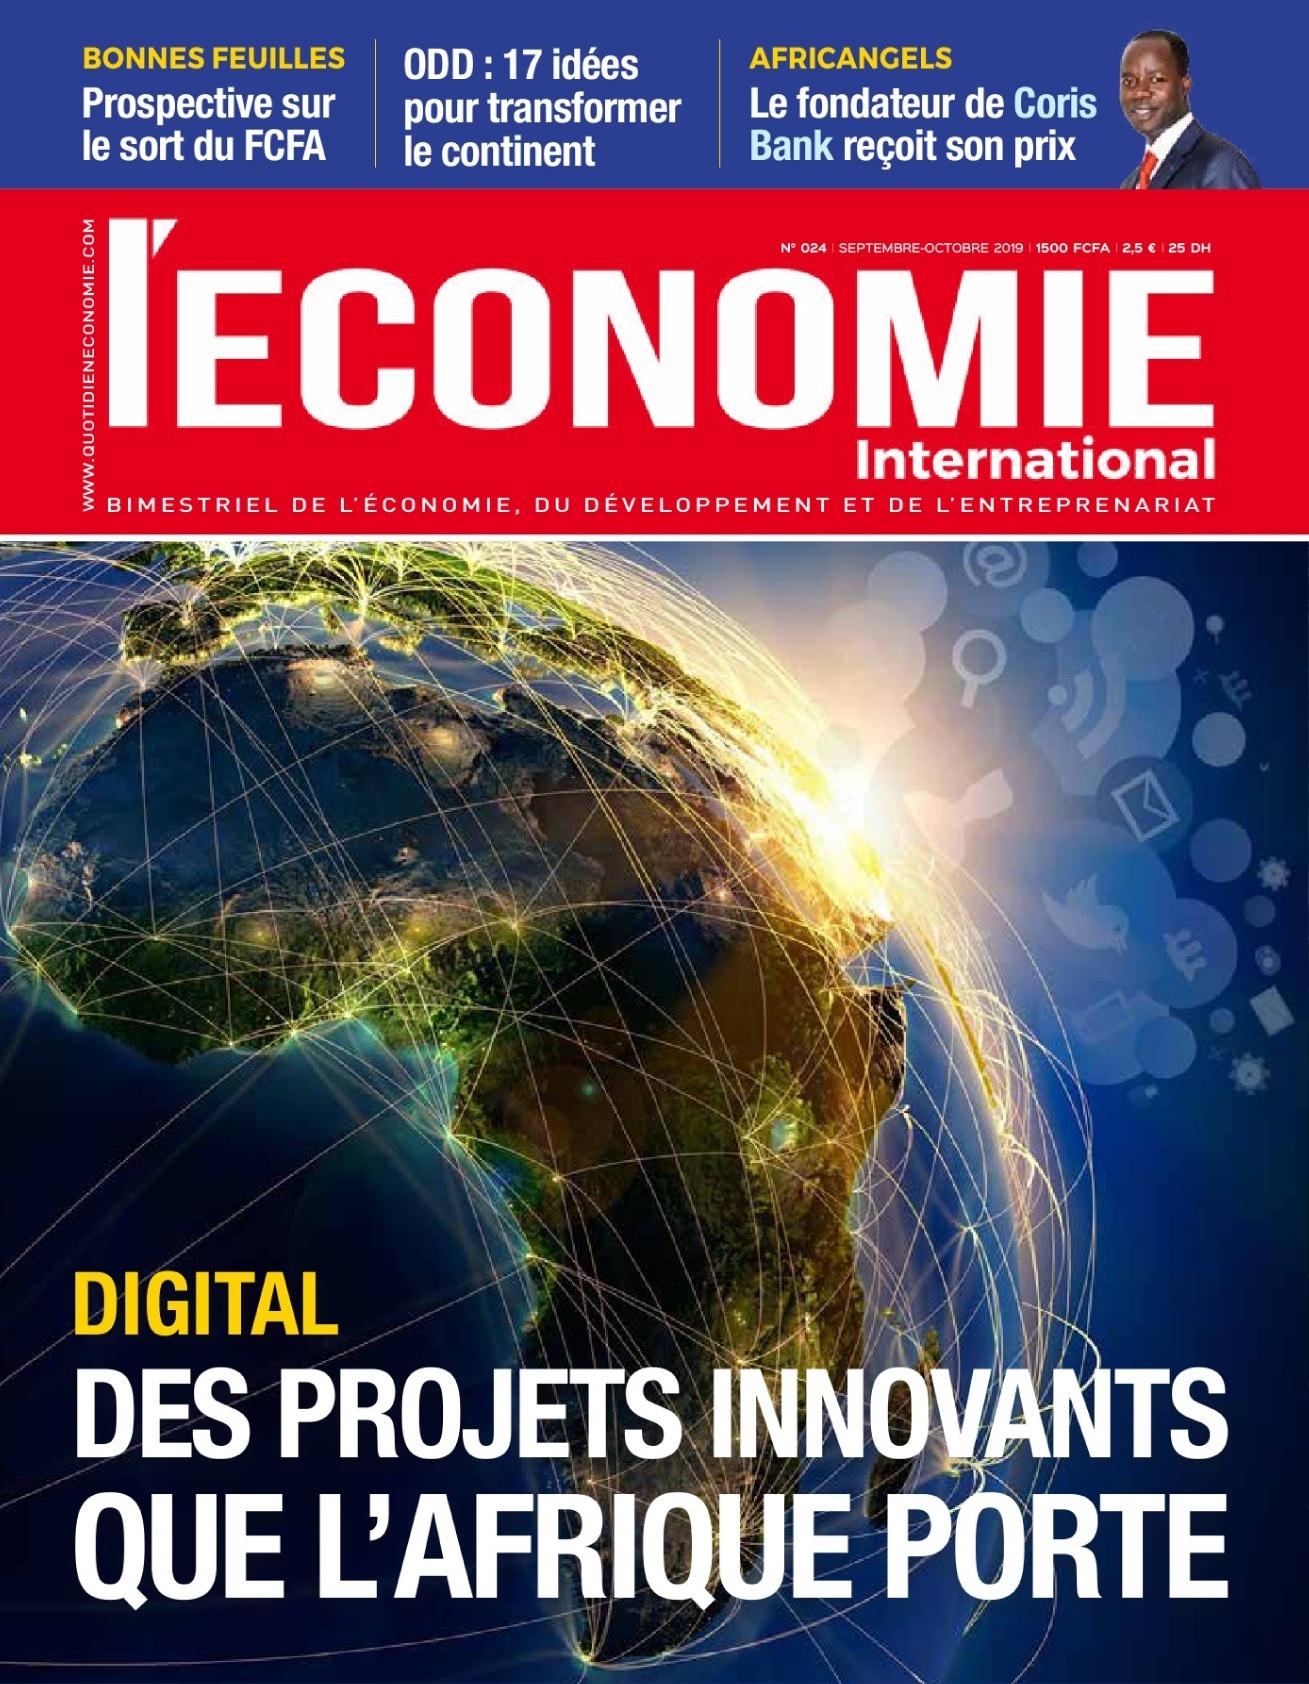 Le Quotidien de l'Economie - 14/10/2019